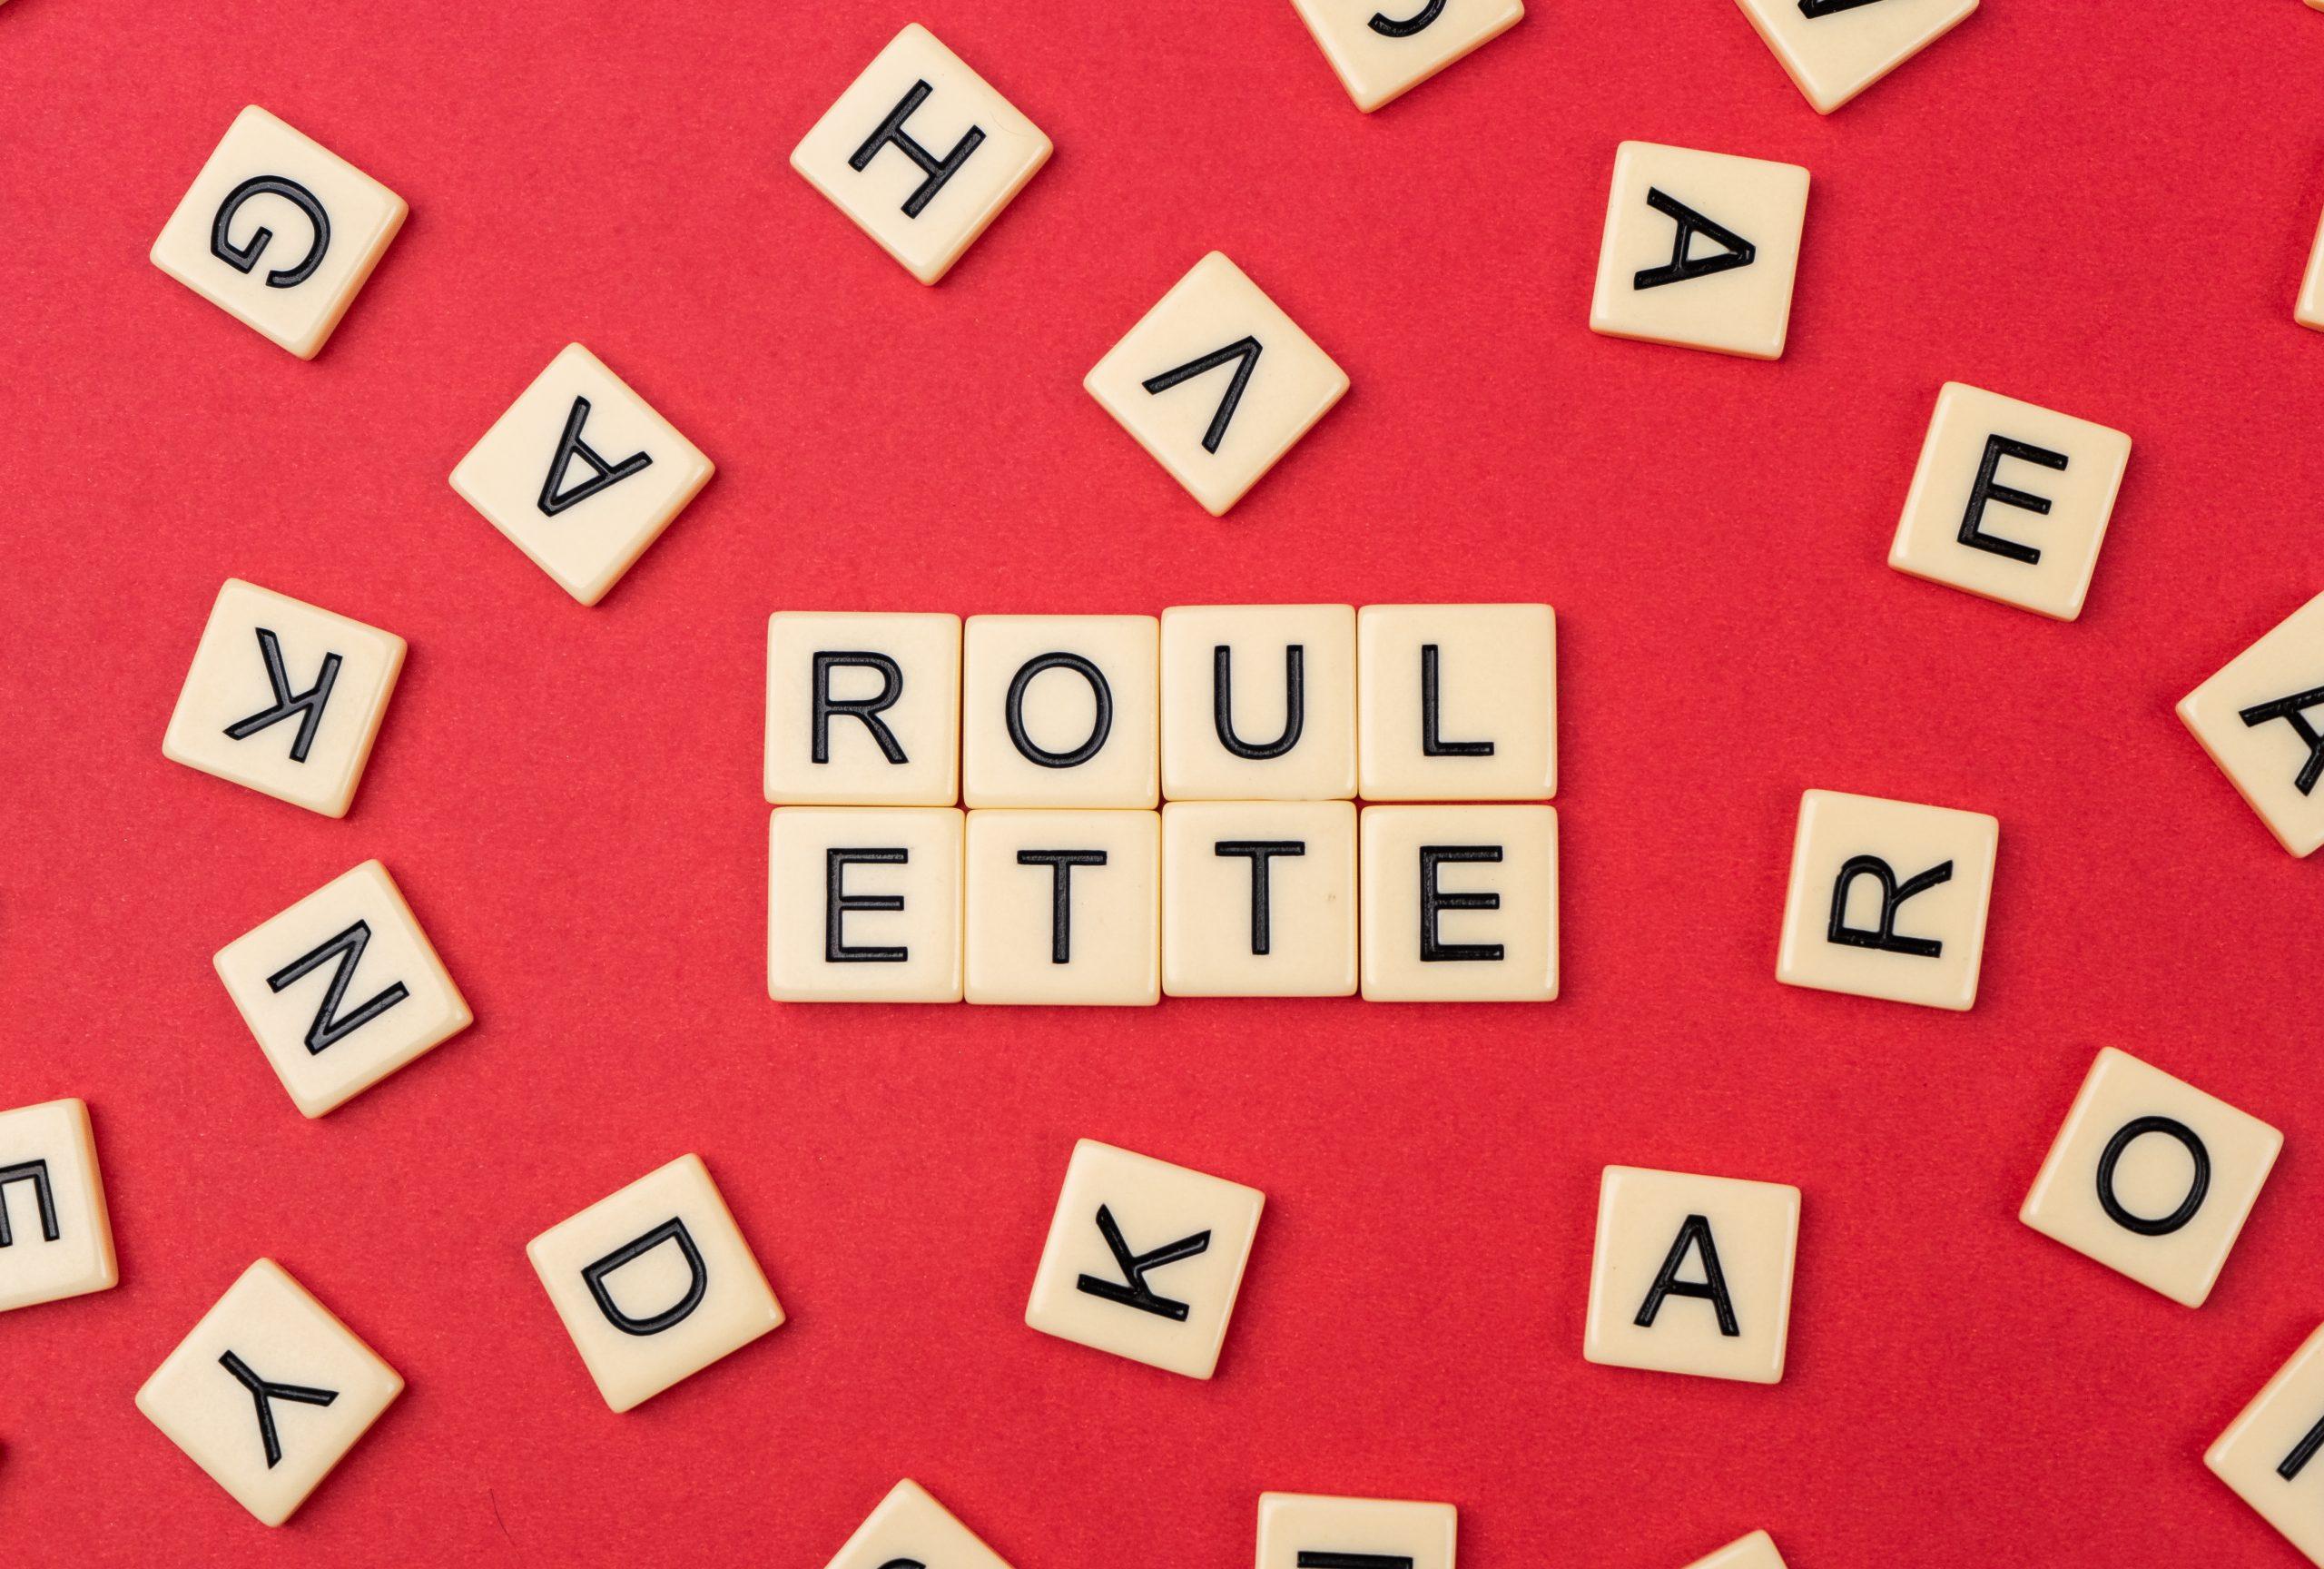 Roulette written on scrabble